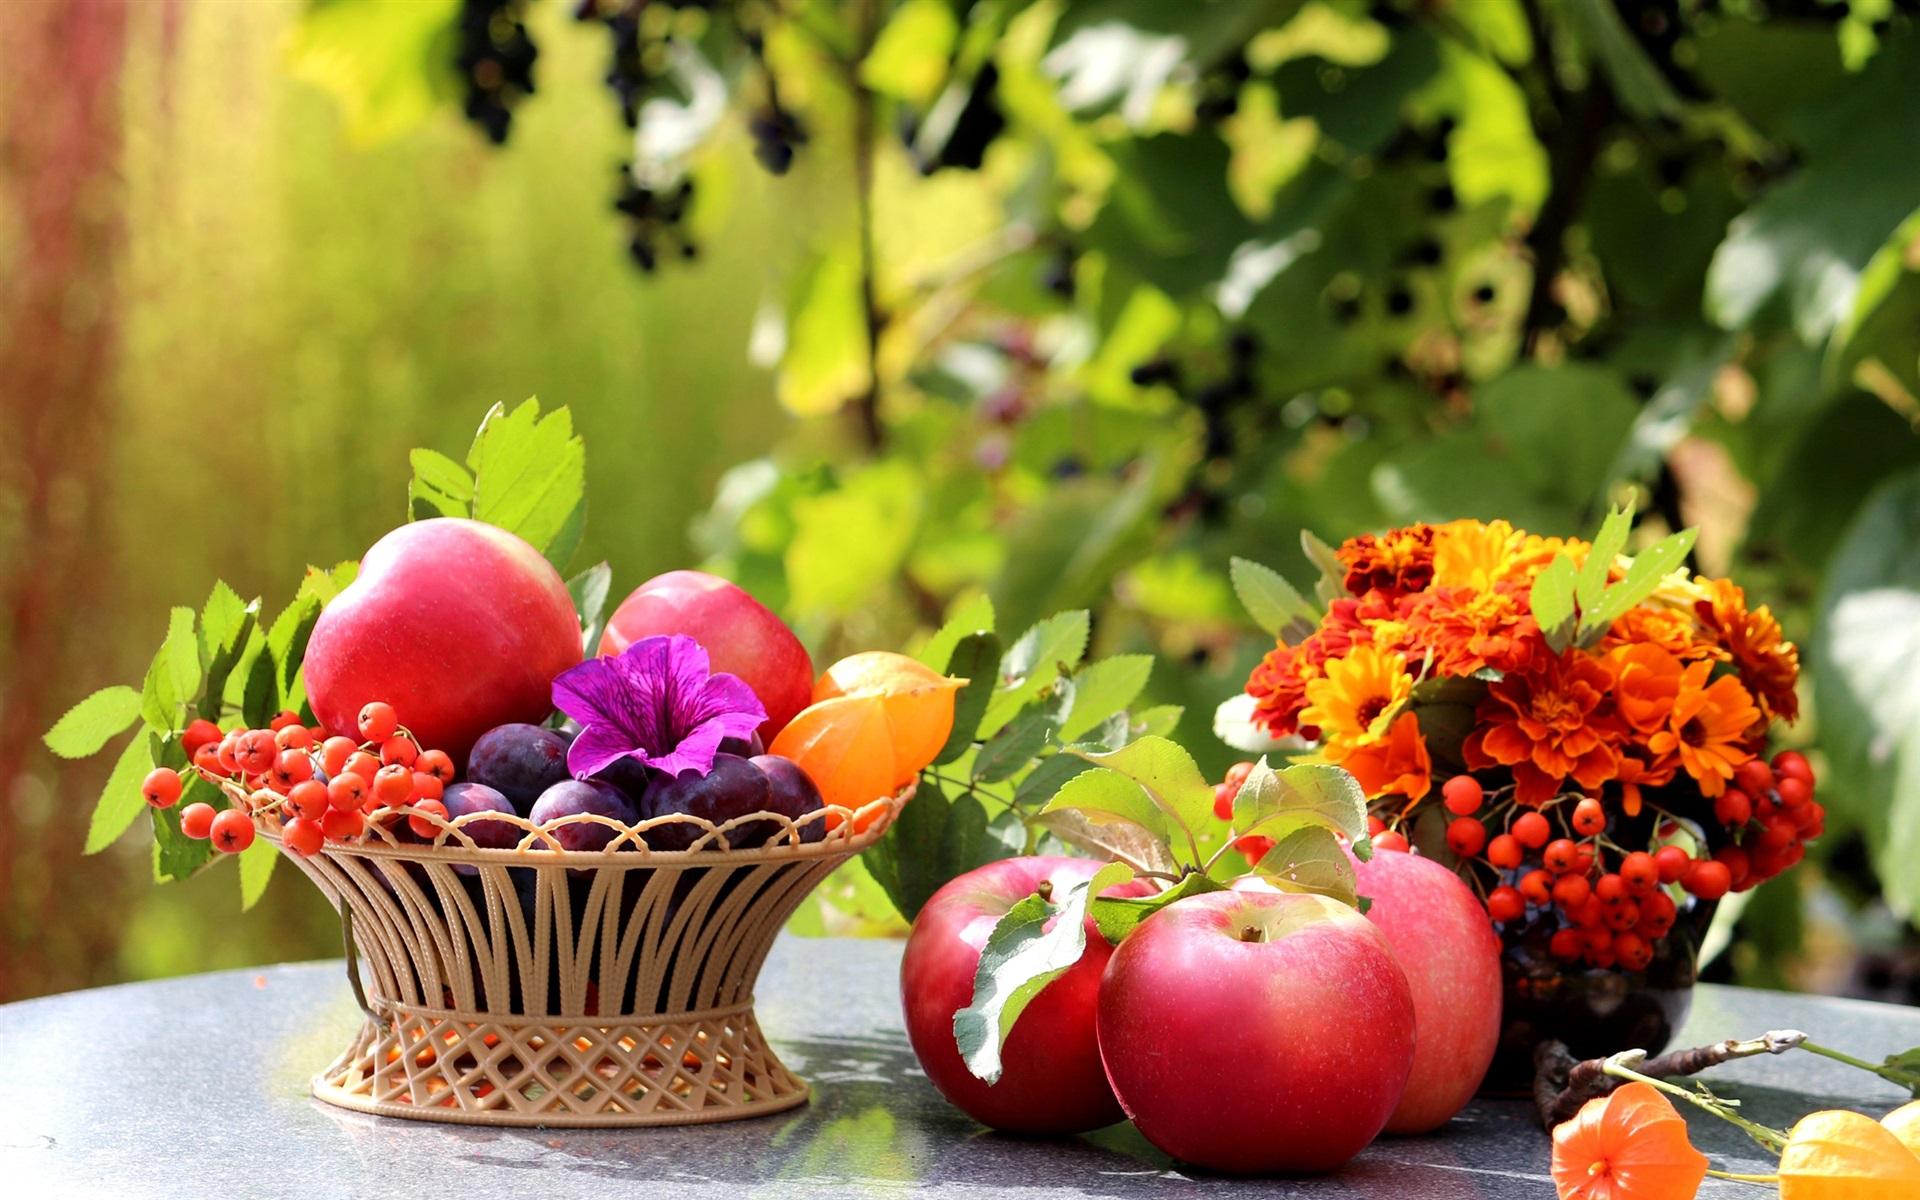 его картинка на рабочий стол осень фрукты человек